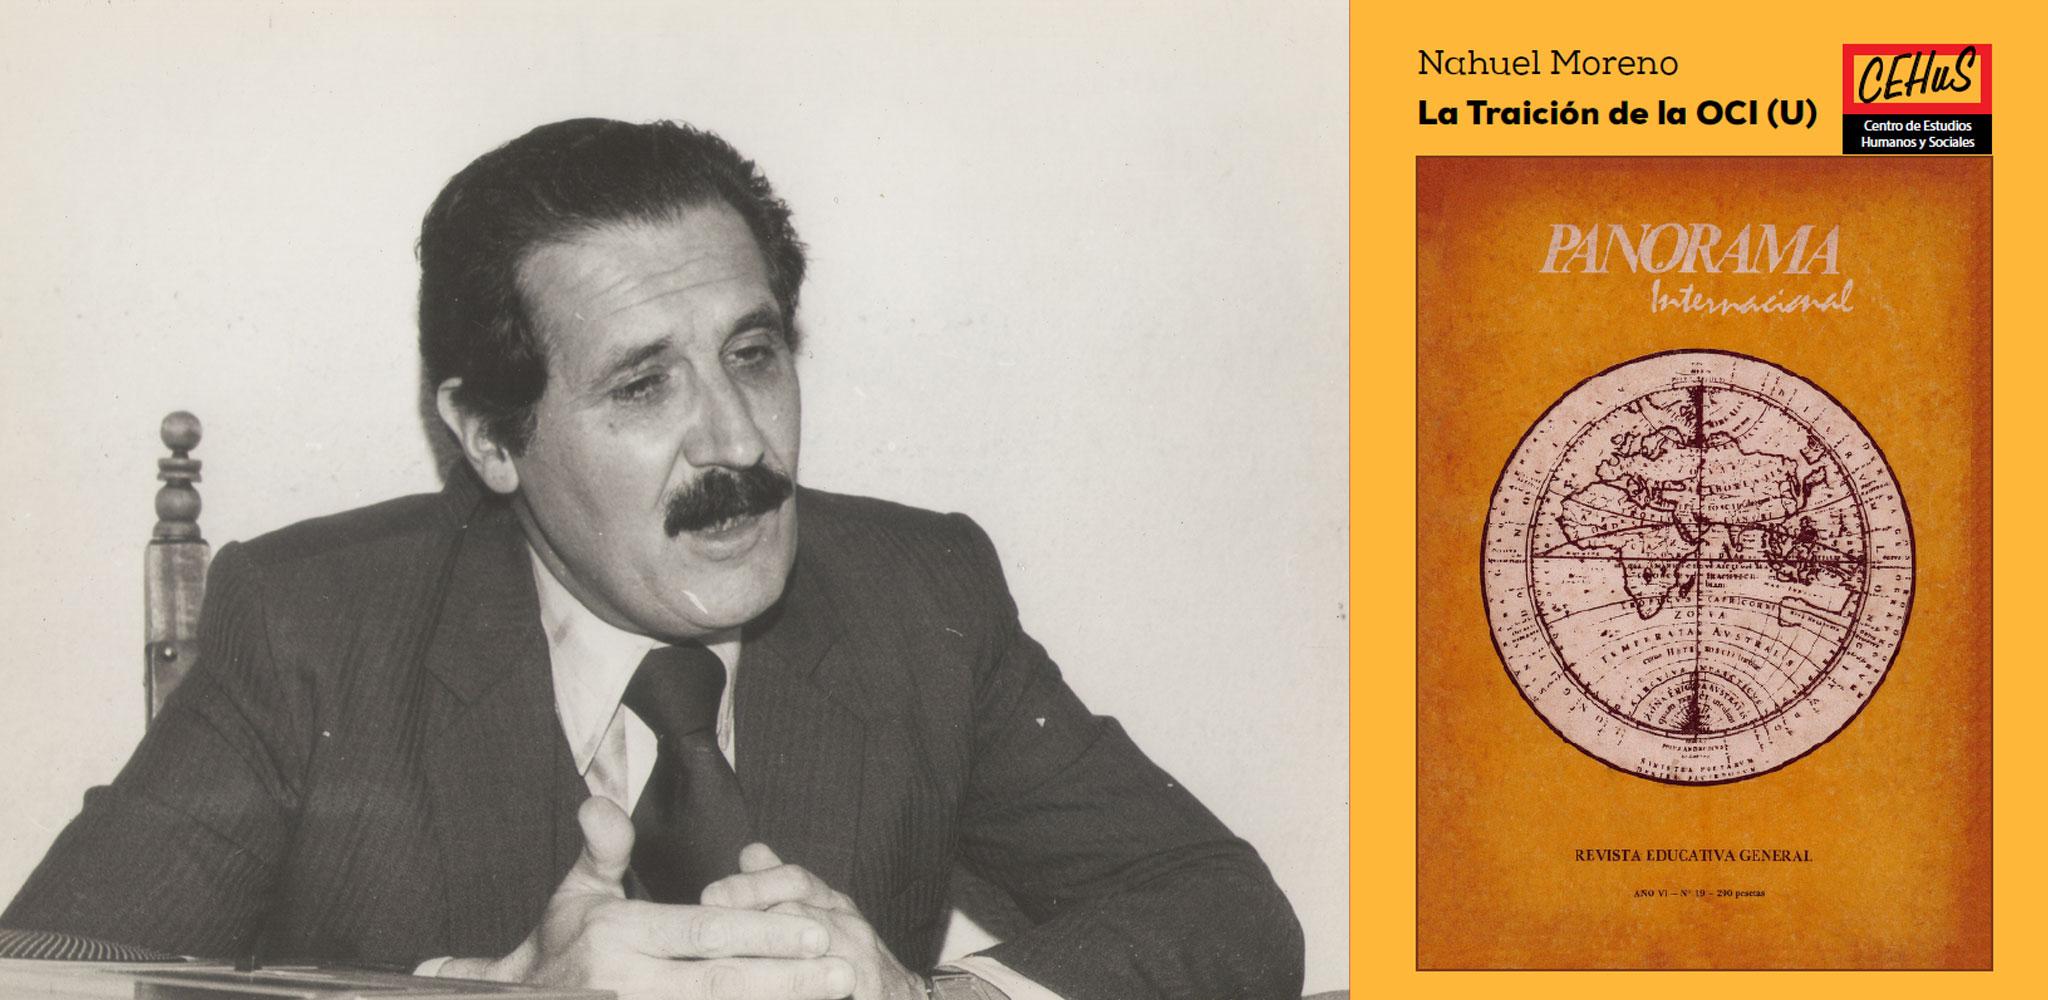 LA TRAICIÓN DE LA OCI (1982)